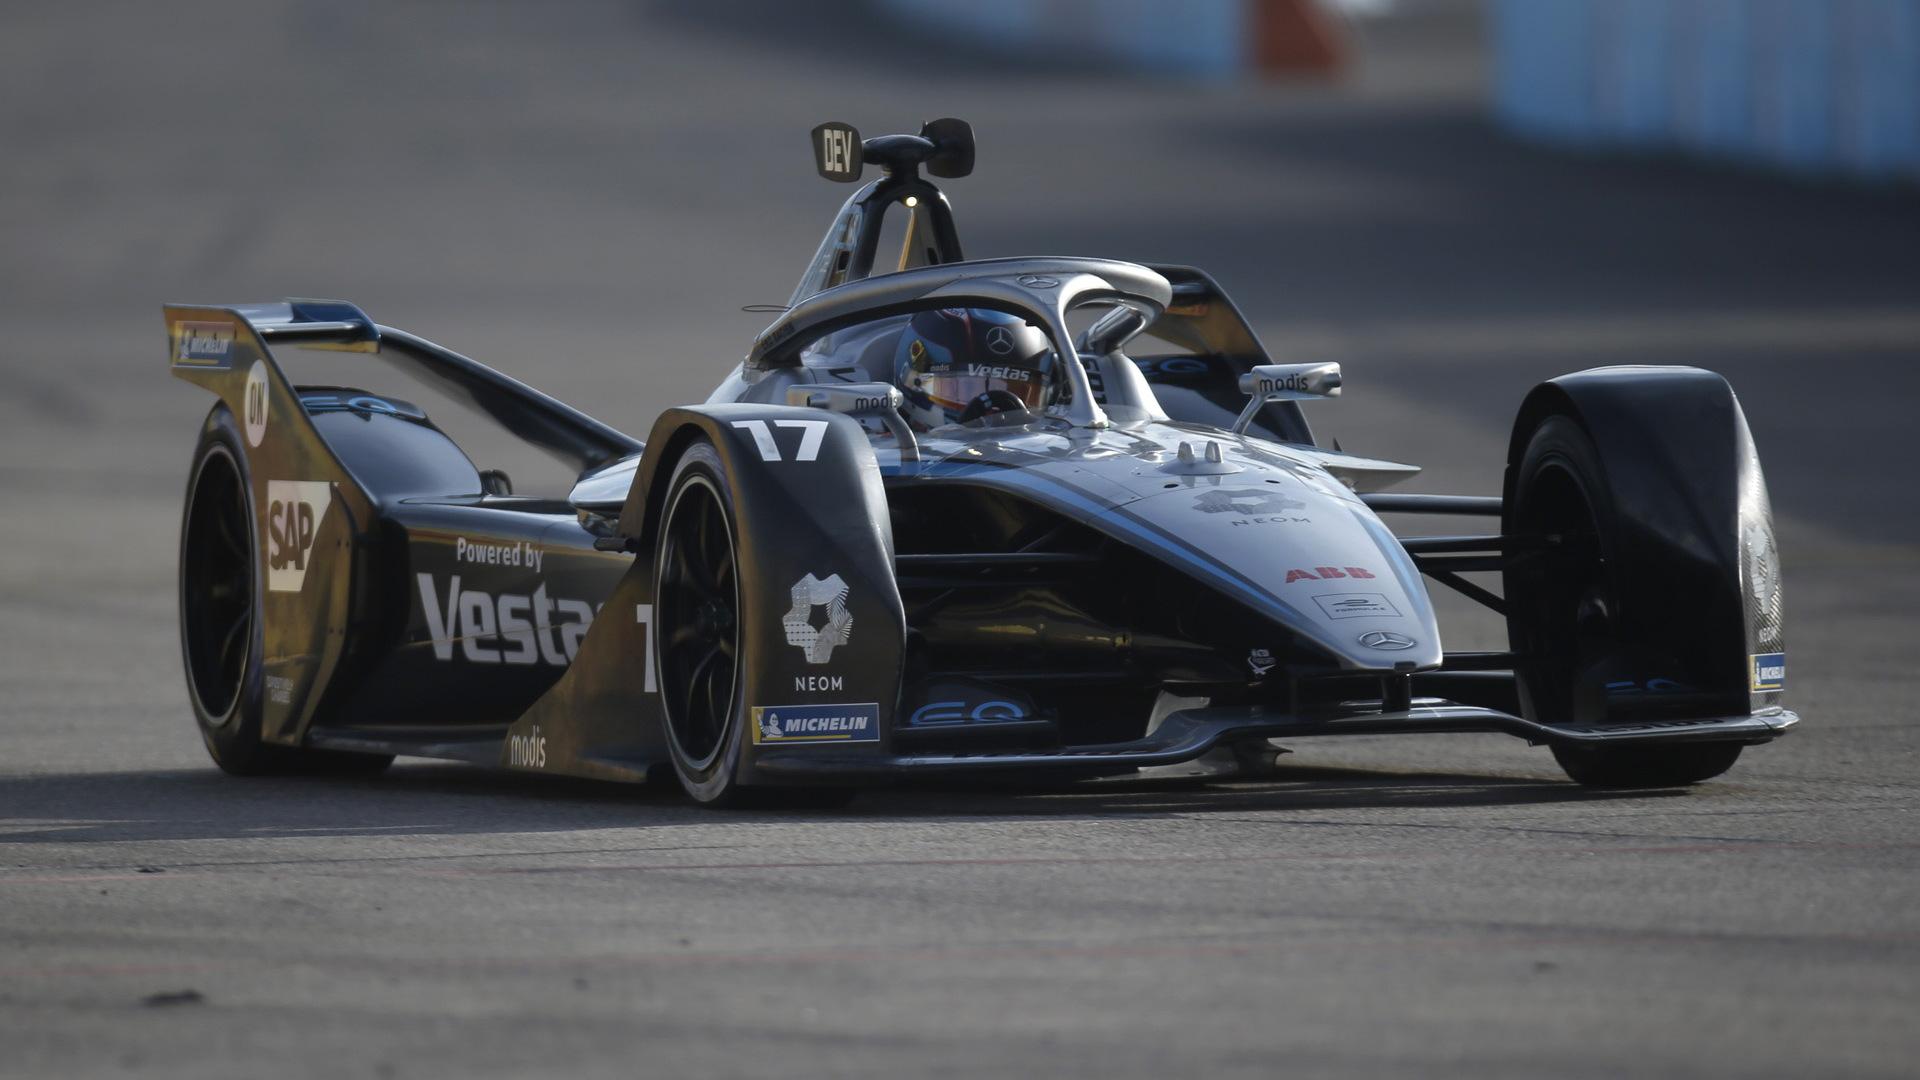 Mercedes-Benz EQ's Nyck de Vries at the 2021 Formula E Berlin E-Prix